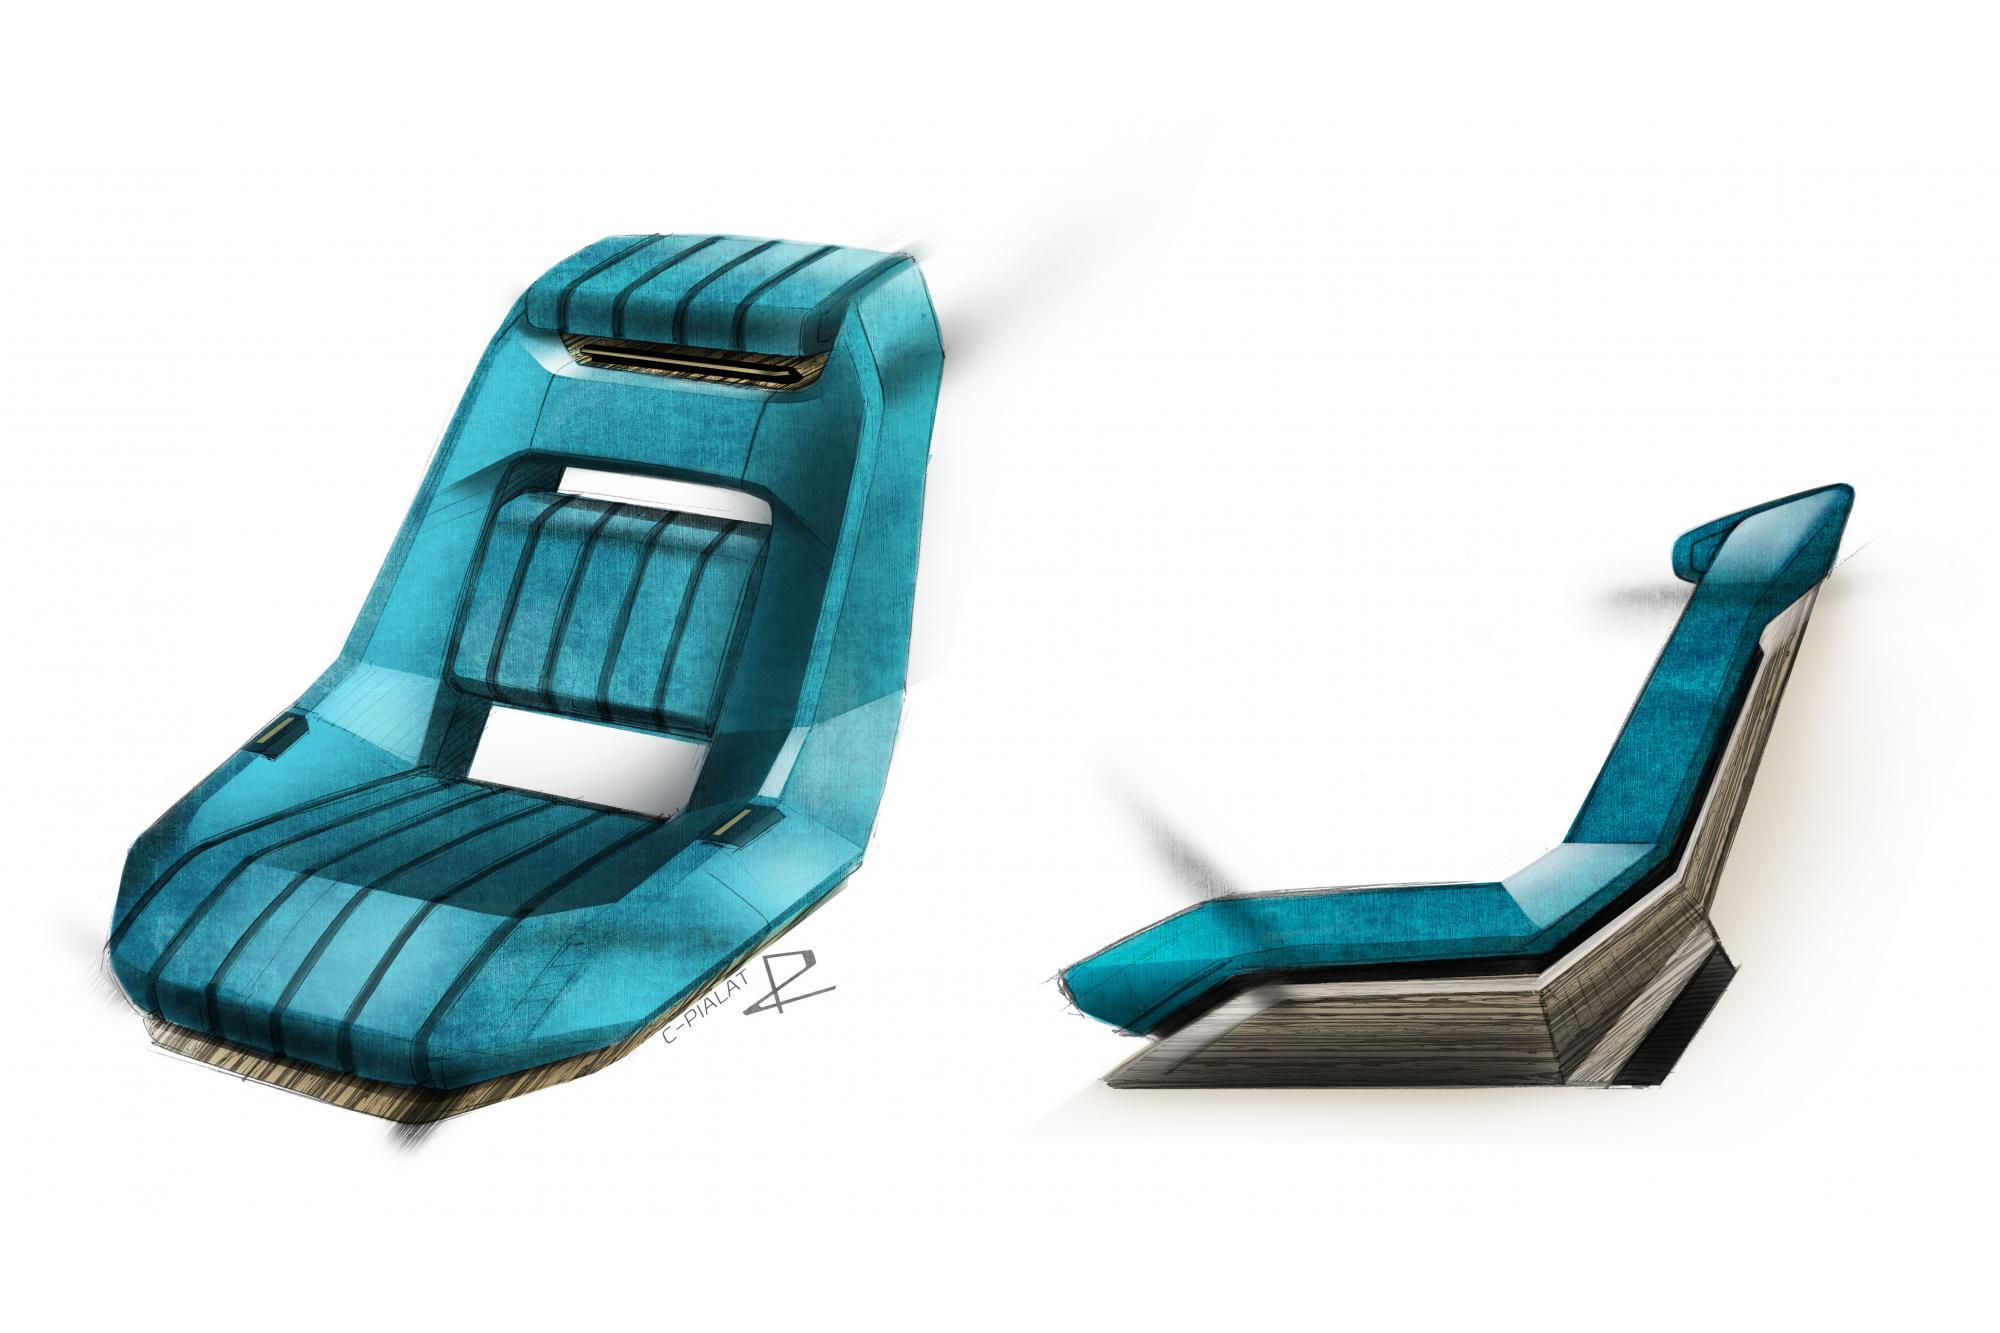 Καθίσματα Peugeot: ένα πρελούδιο τεχνολογίας!